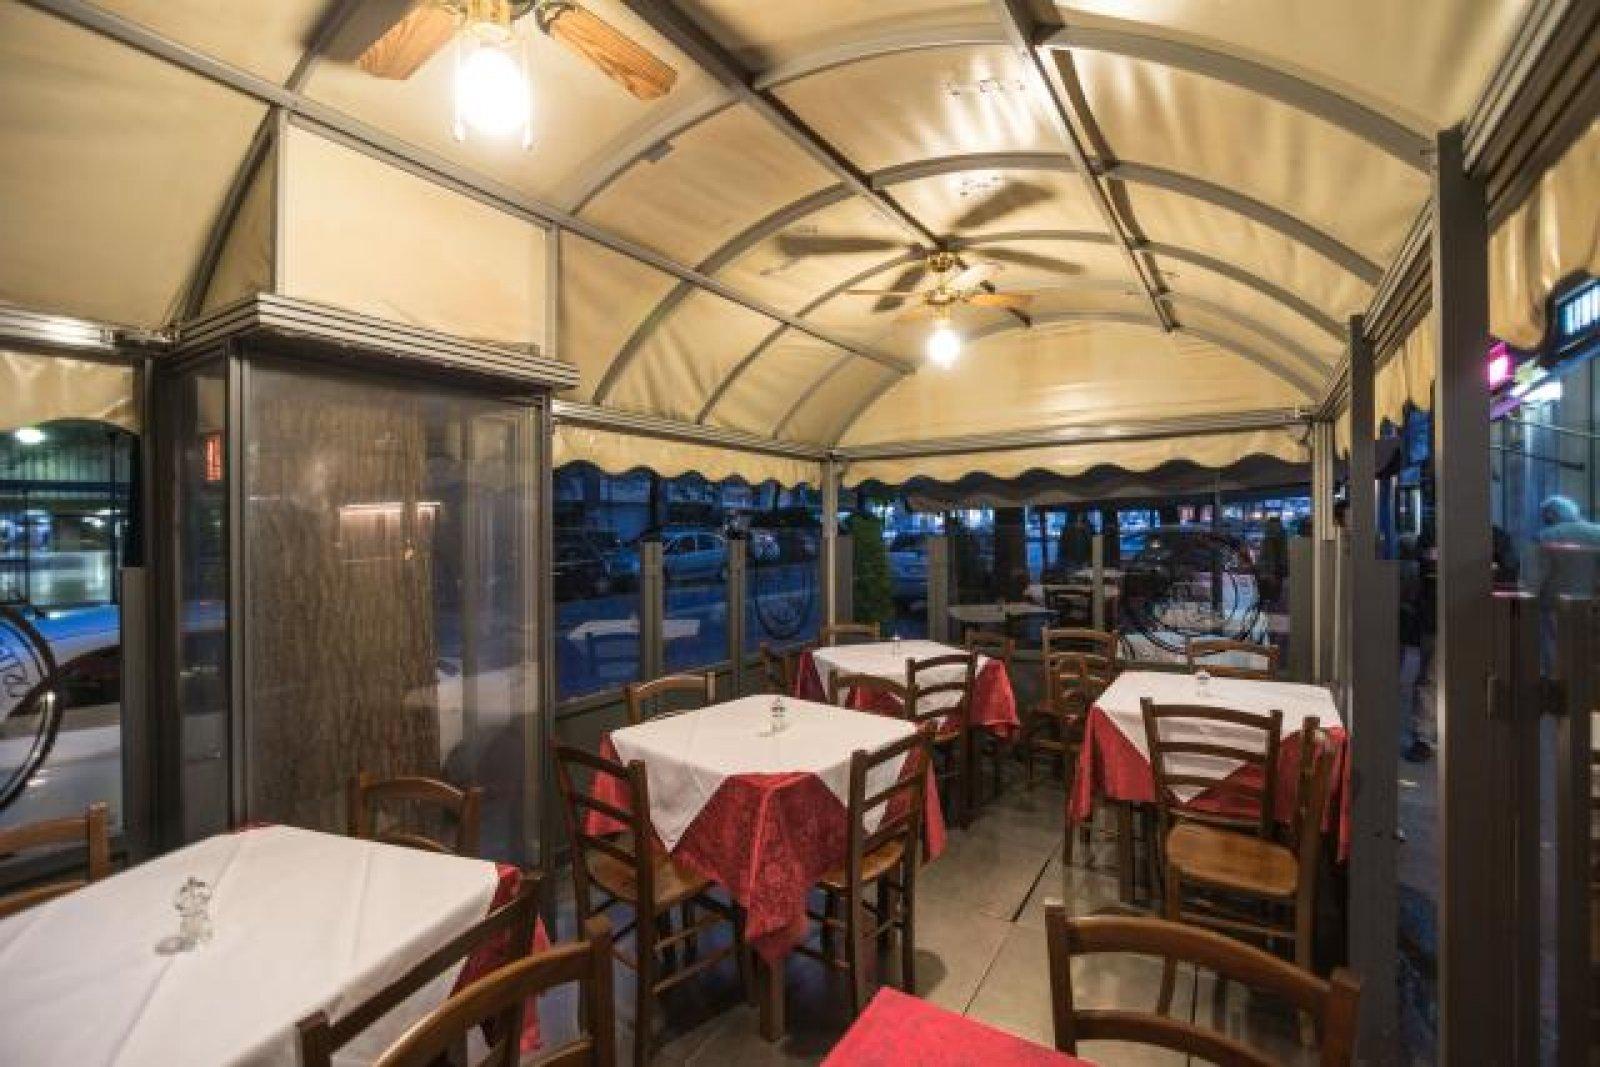 Osteria angelino ristorante a milano for Via lima 7 roma